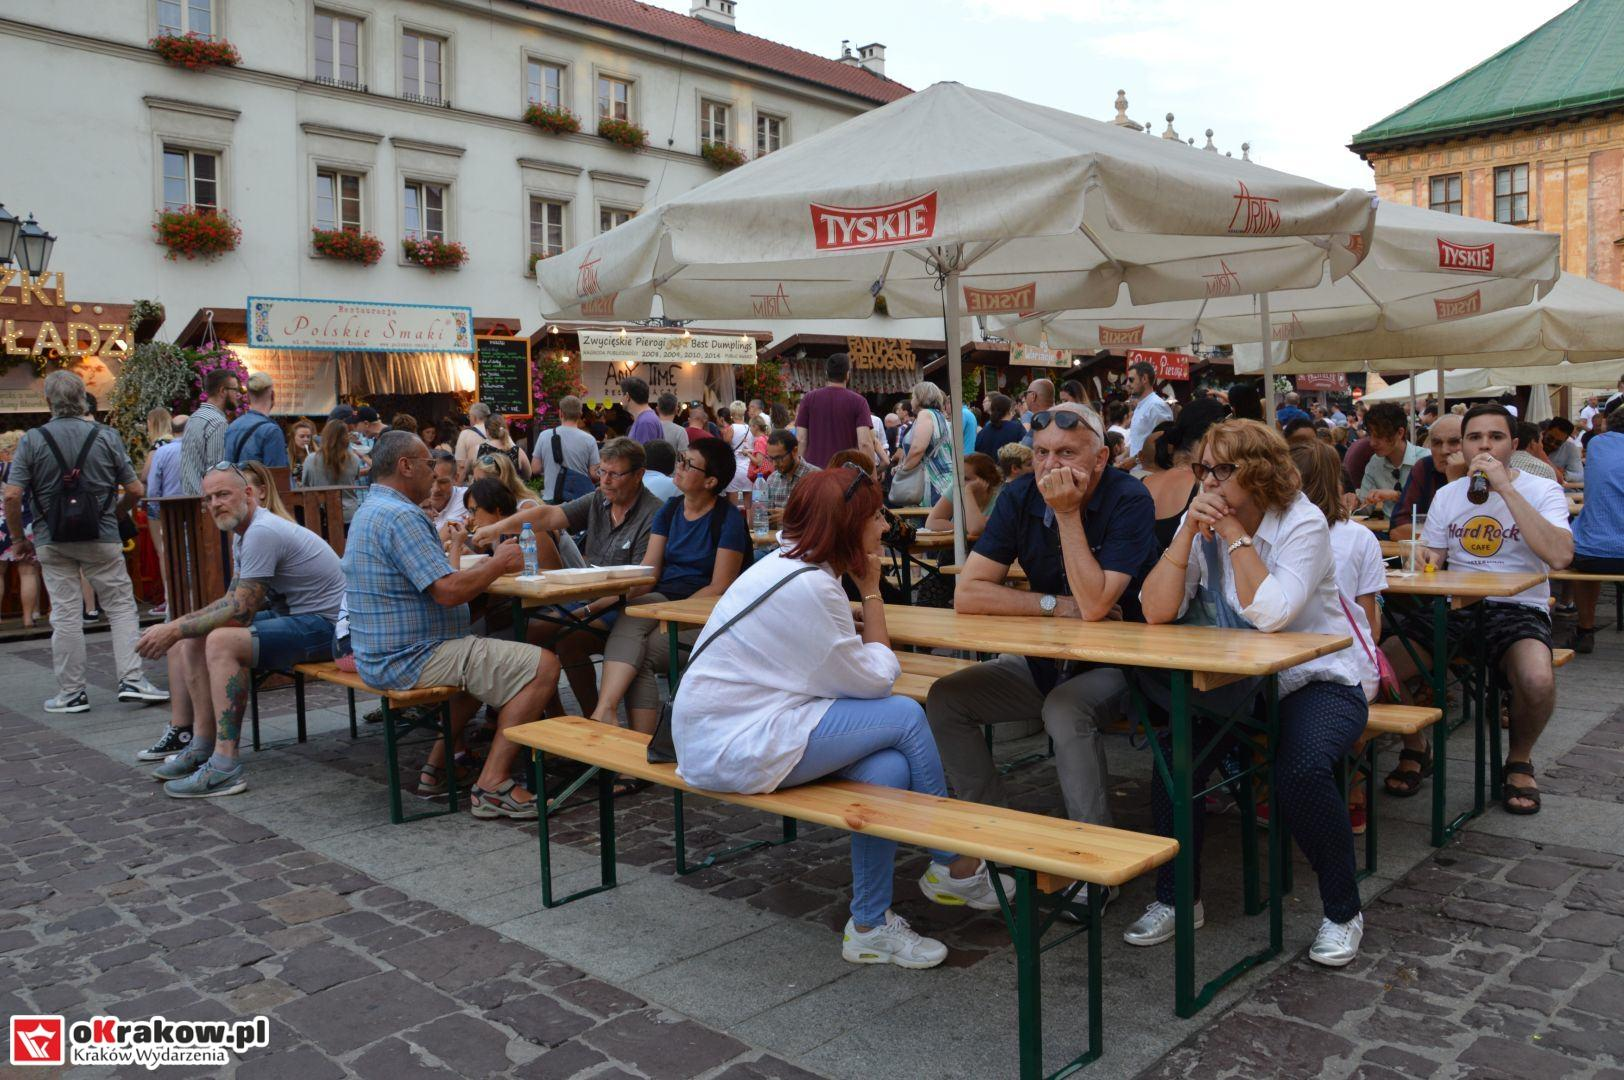 krakow festiwal pierogow maly rynek koncert cheap tobacco 83 150x150 - Galeria zdjęć Festiwal Pierogów Kraków 2018 + zdjęcia z koncertu Cheap Tobacco